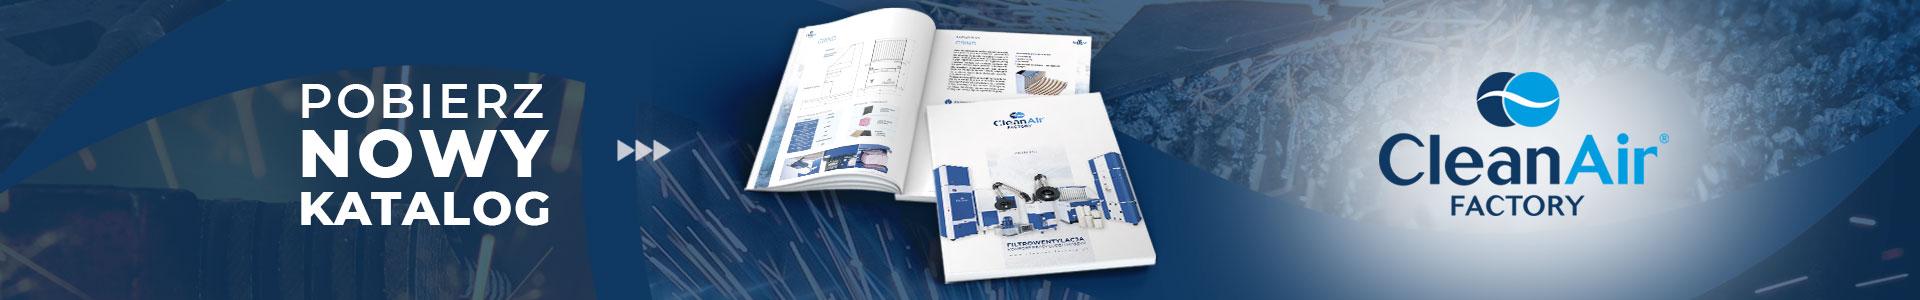 CleanAir nowy katalog 2021